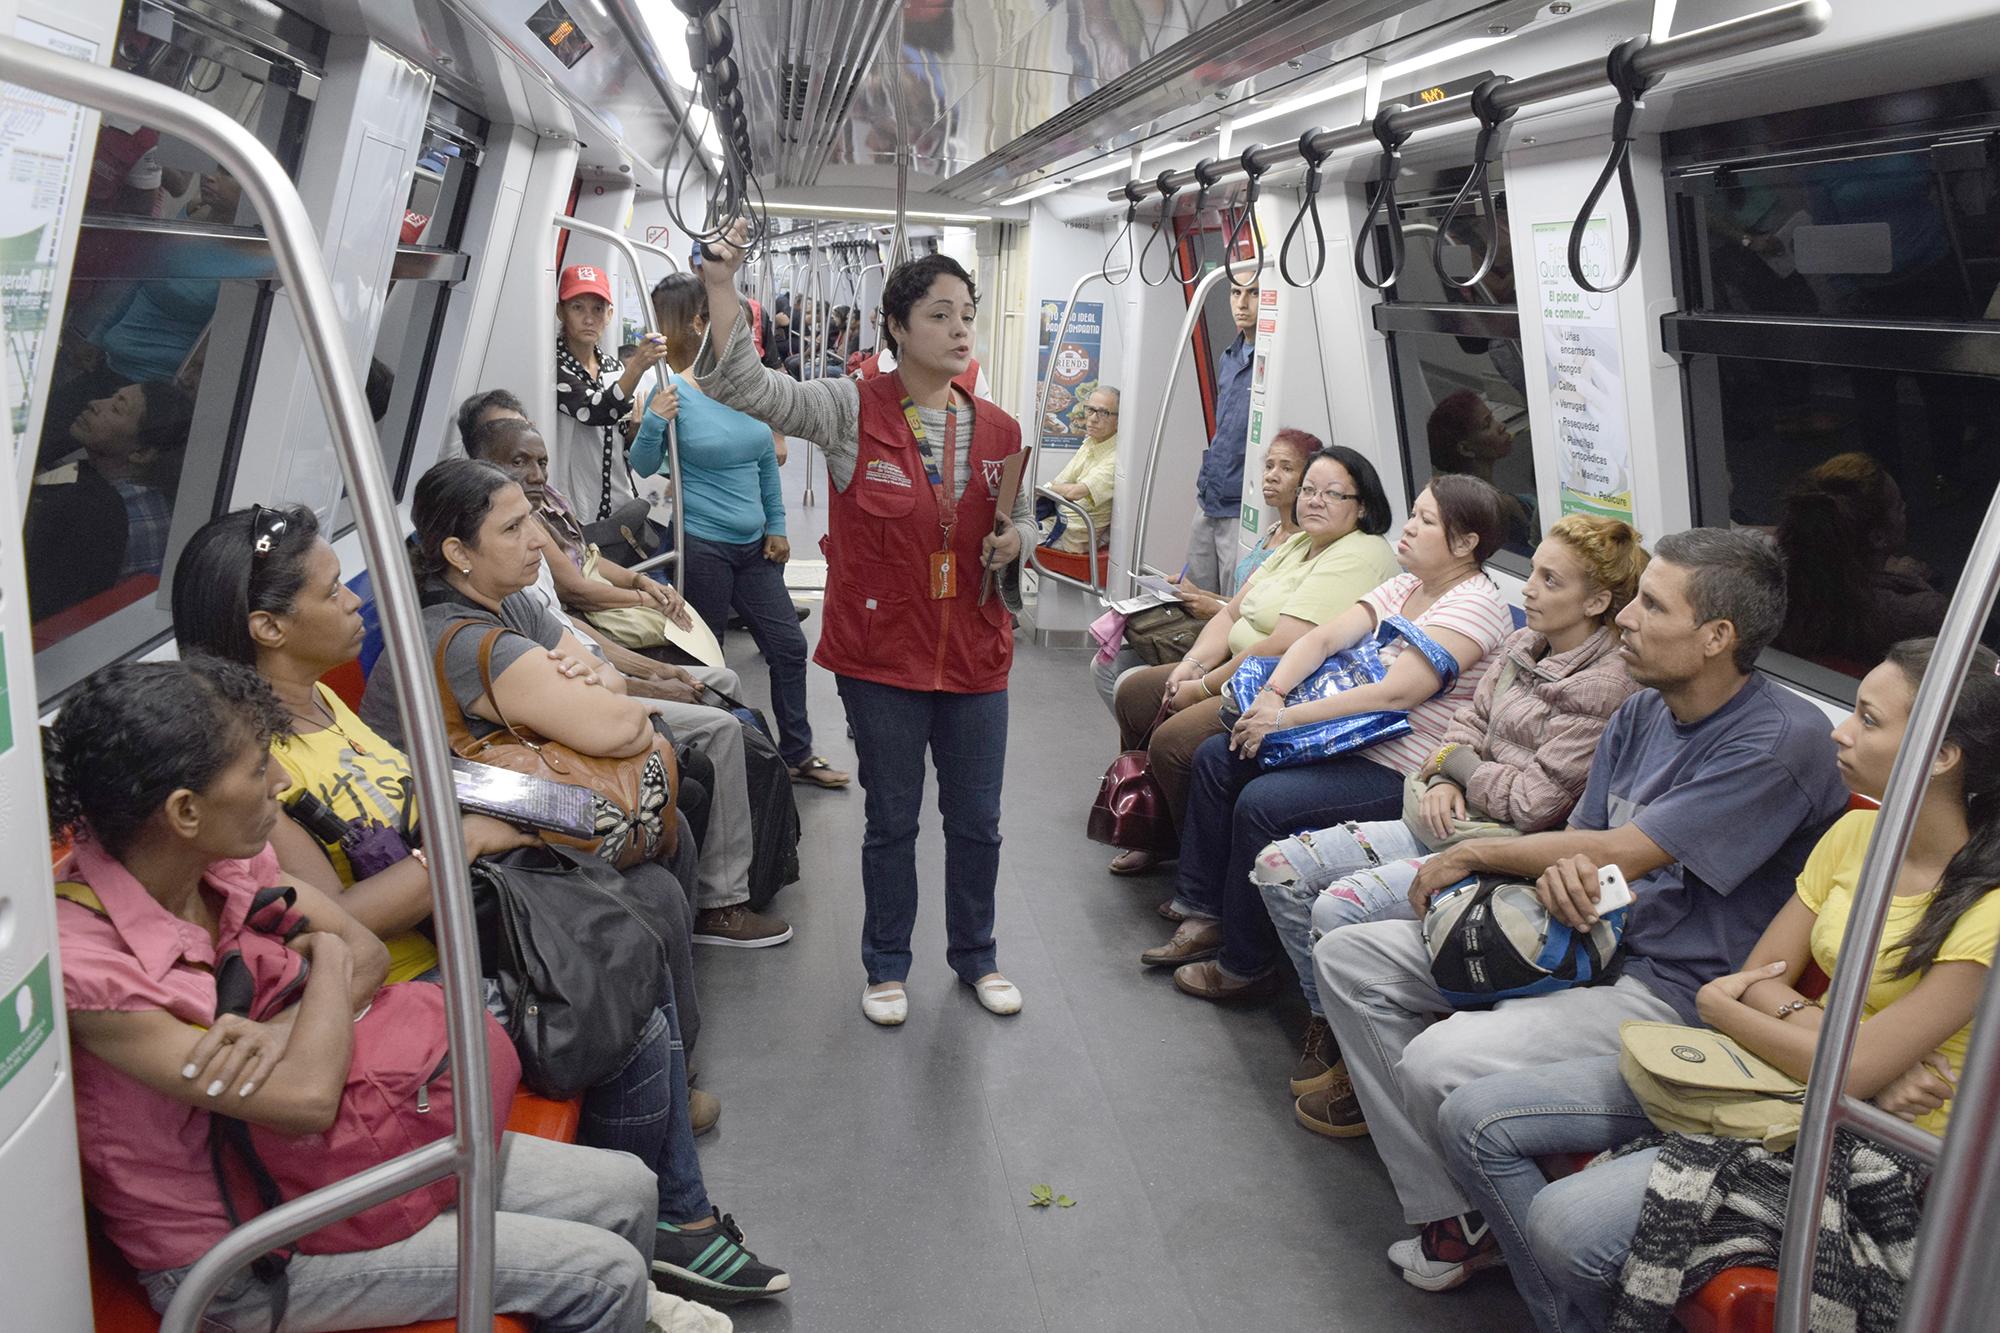 Promovemos el respeto de normas en trenes y estaciones